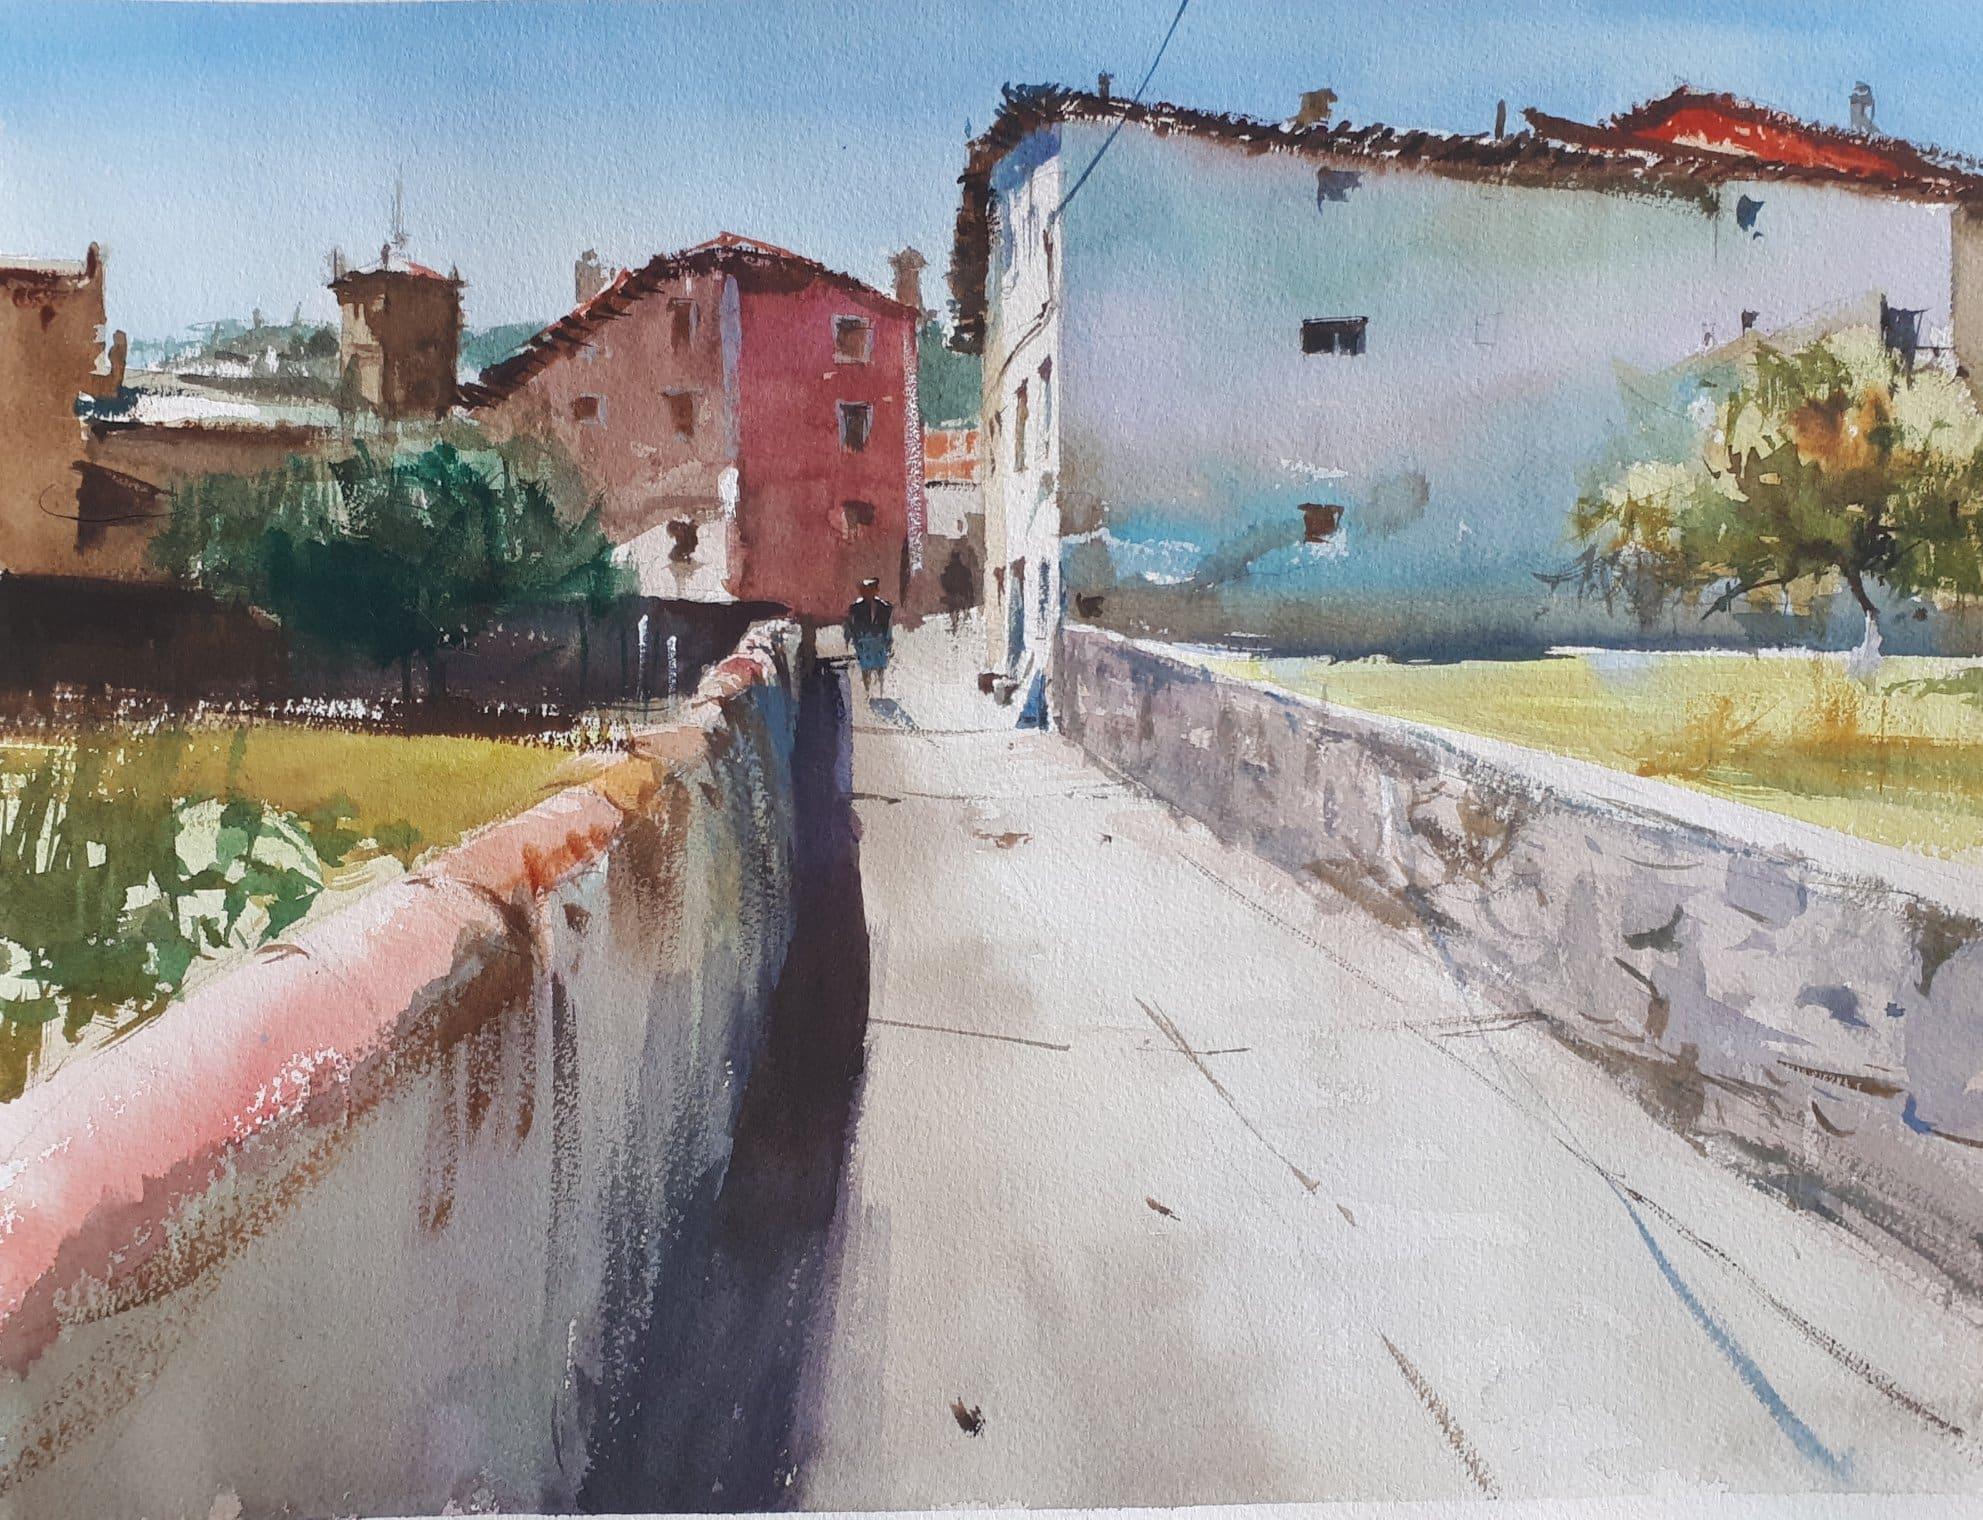 Artistas afincados en La Rioja donan sus obras para la compra de material sanitario 3